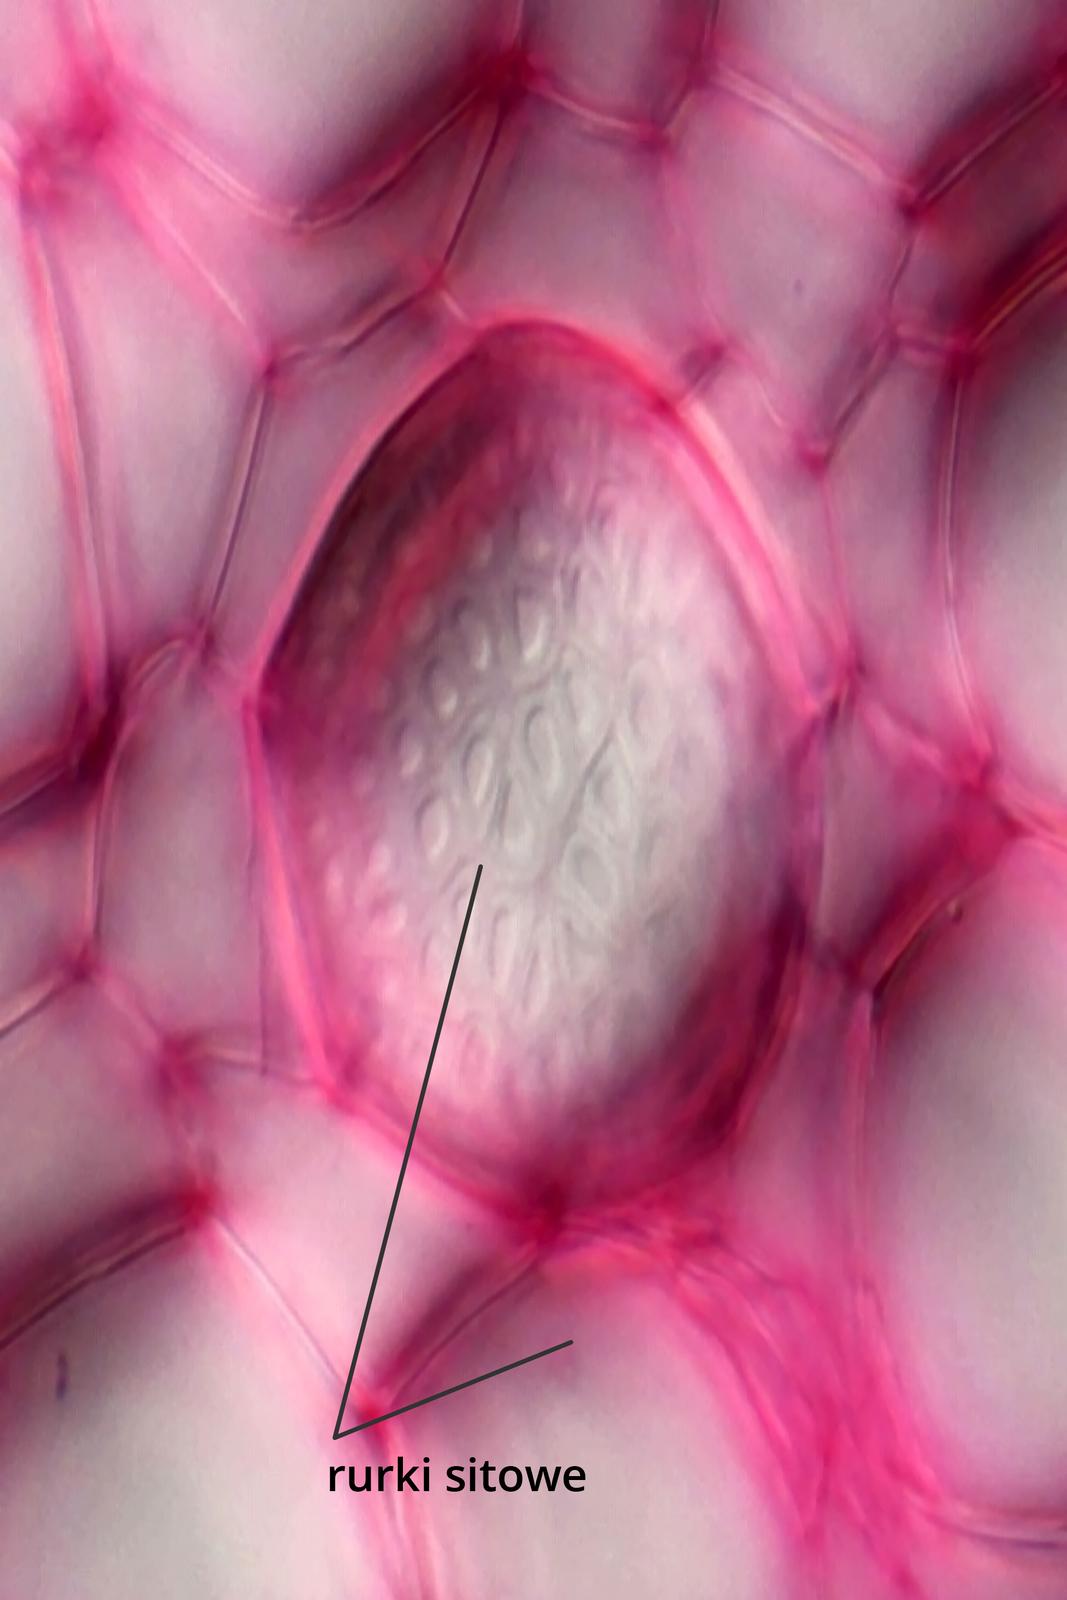 Fotografia mikroskopowa przedstawia sito łyko wdużym zbliżeniu. Komórki są wybarwione na różowo ipodpisane: komórki sitowe.